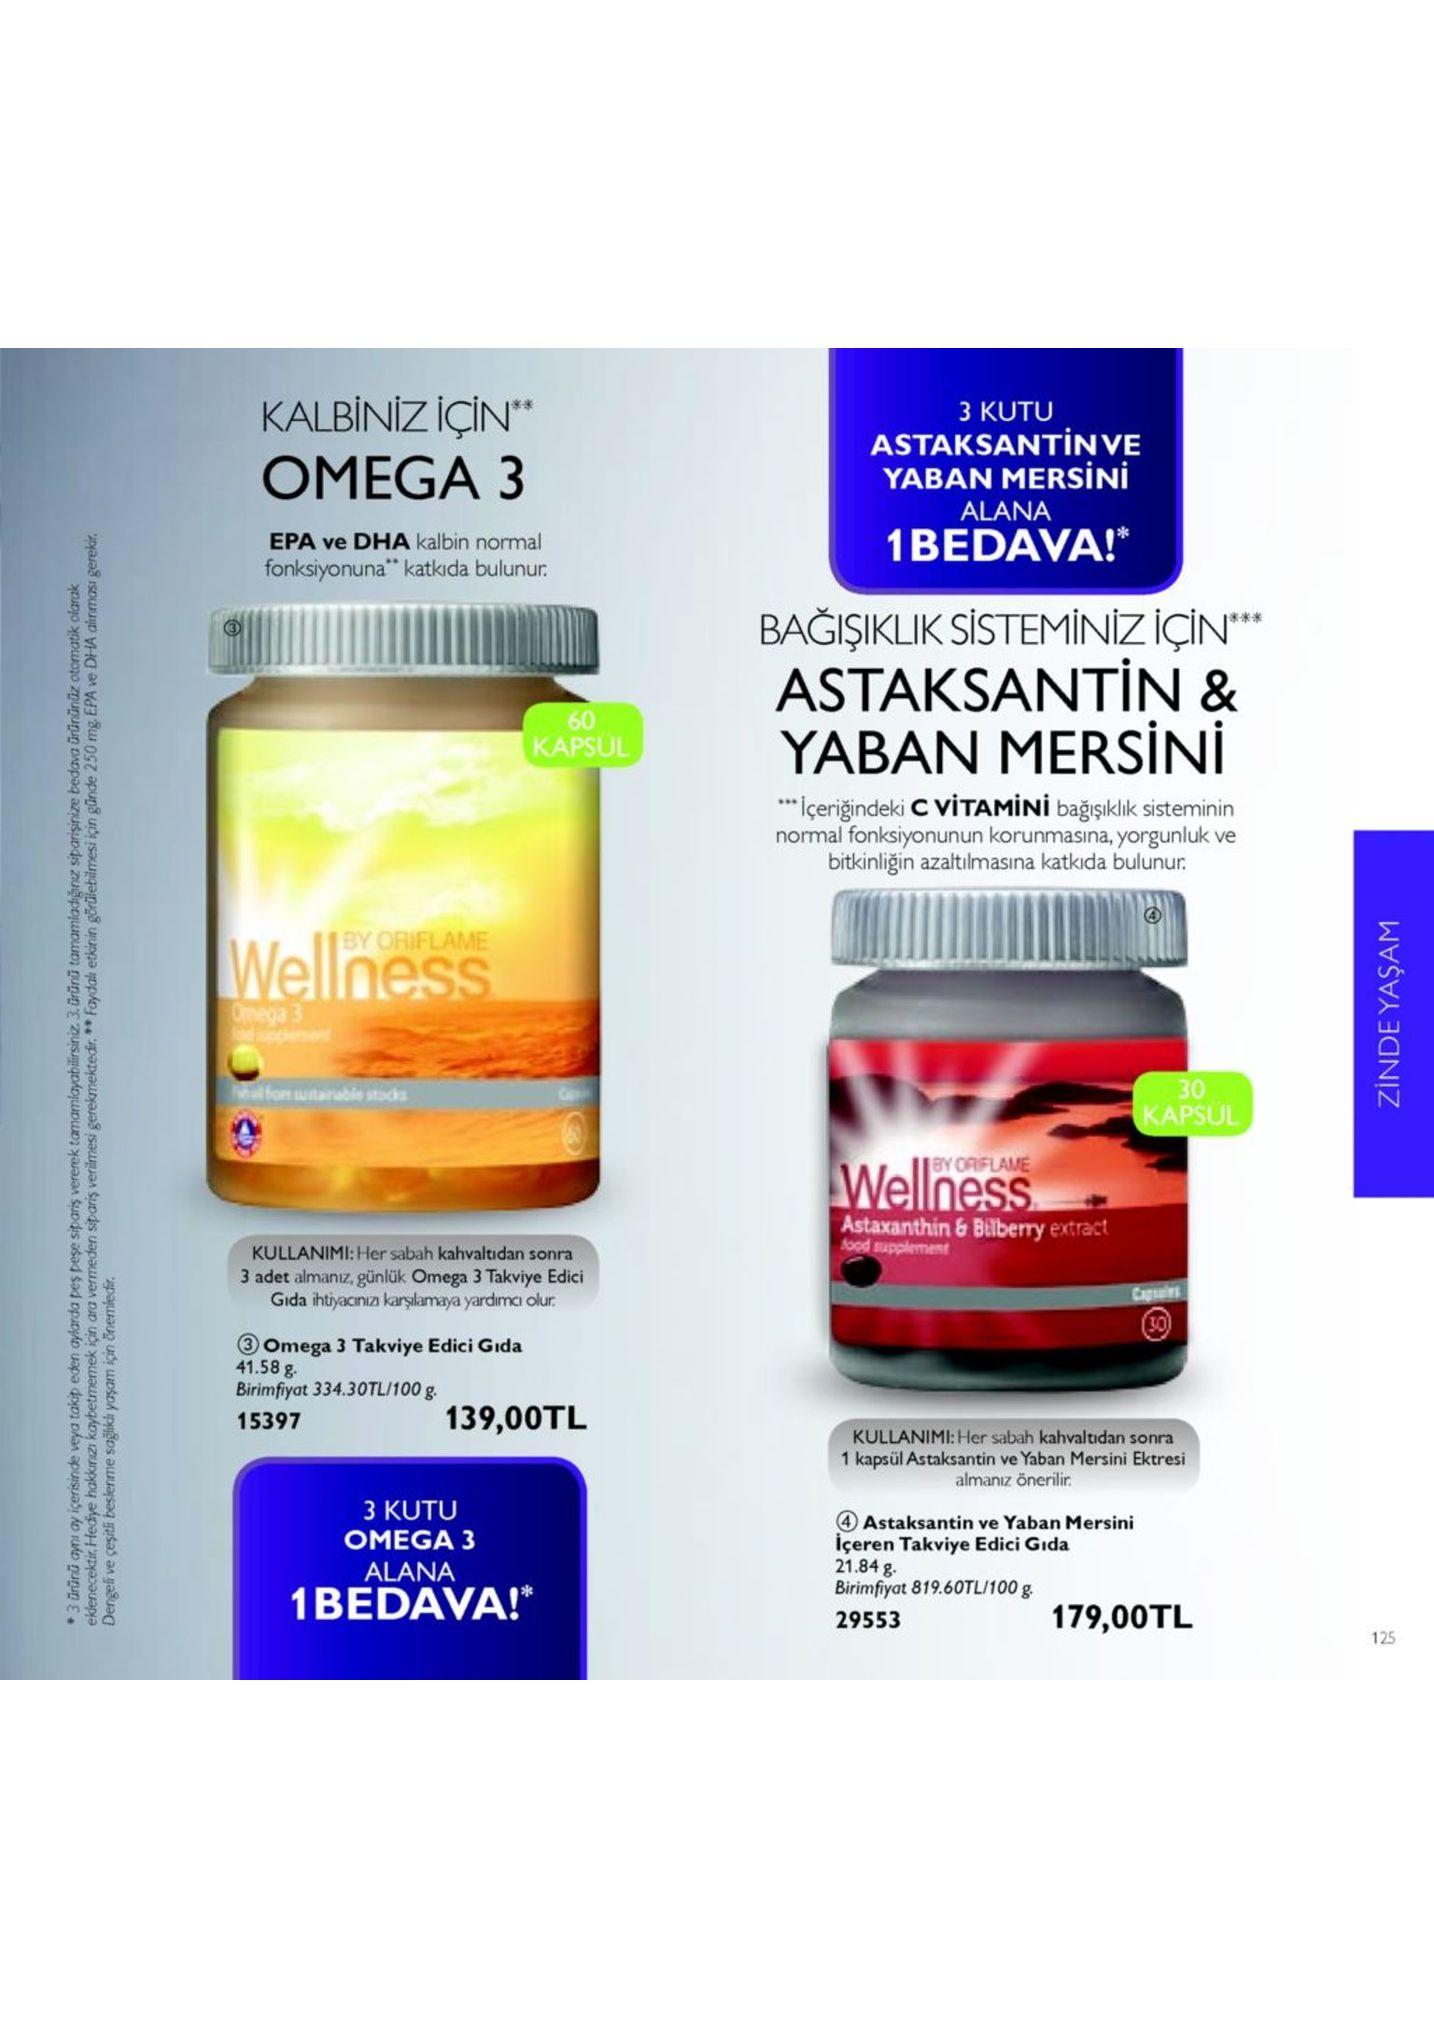 """kalbiniz için"""" omega 3 米米 3 kutu astaksantinve yaban mersini alana 1bedava! bağişiklik sistem iniz için"""" astaksantin & yaban mersini epa ve dha kalbin normal fonksiyonuna katkıda bulunur 츠 60 kapsul ieriğindeki c vitamini bağışıklık sisteminin normal fonksiyonunun korunmasina, yorgunluk ve bitkinliğin azaltılmasına katkıda bulunur. by oriflame 30 apsul astaxanthin & bilberry extract kullanimi: her sabah kahvaltidan sonra 3 adet almanız, günlük omega 3 takviye edici gida ihtiyaciniza karşilamaya yardimc olur 3 omega 3 takviye edici gida 41.58 g birimfiyat 334.30tl/100 15397 139,00tl kullanimi: her sabah kahvaltidan sonra 1 kapsül astaksantin ve yaban mersini ektresi almanız önerilir. 3 kutu omega 3 alana 4 astaksantin ve yaban mersirni içeren takviye edici gıda 21.84 g birimfiyat 819.60tl/100 g 29553 2 1bedava! 179,00tl 125"""